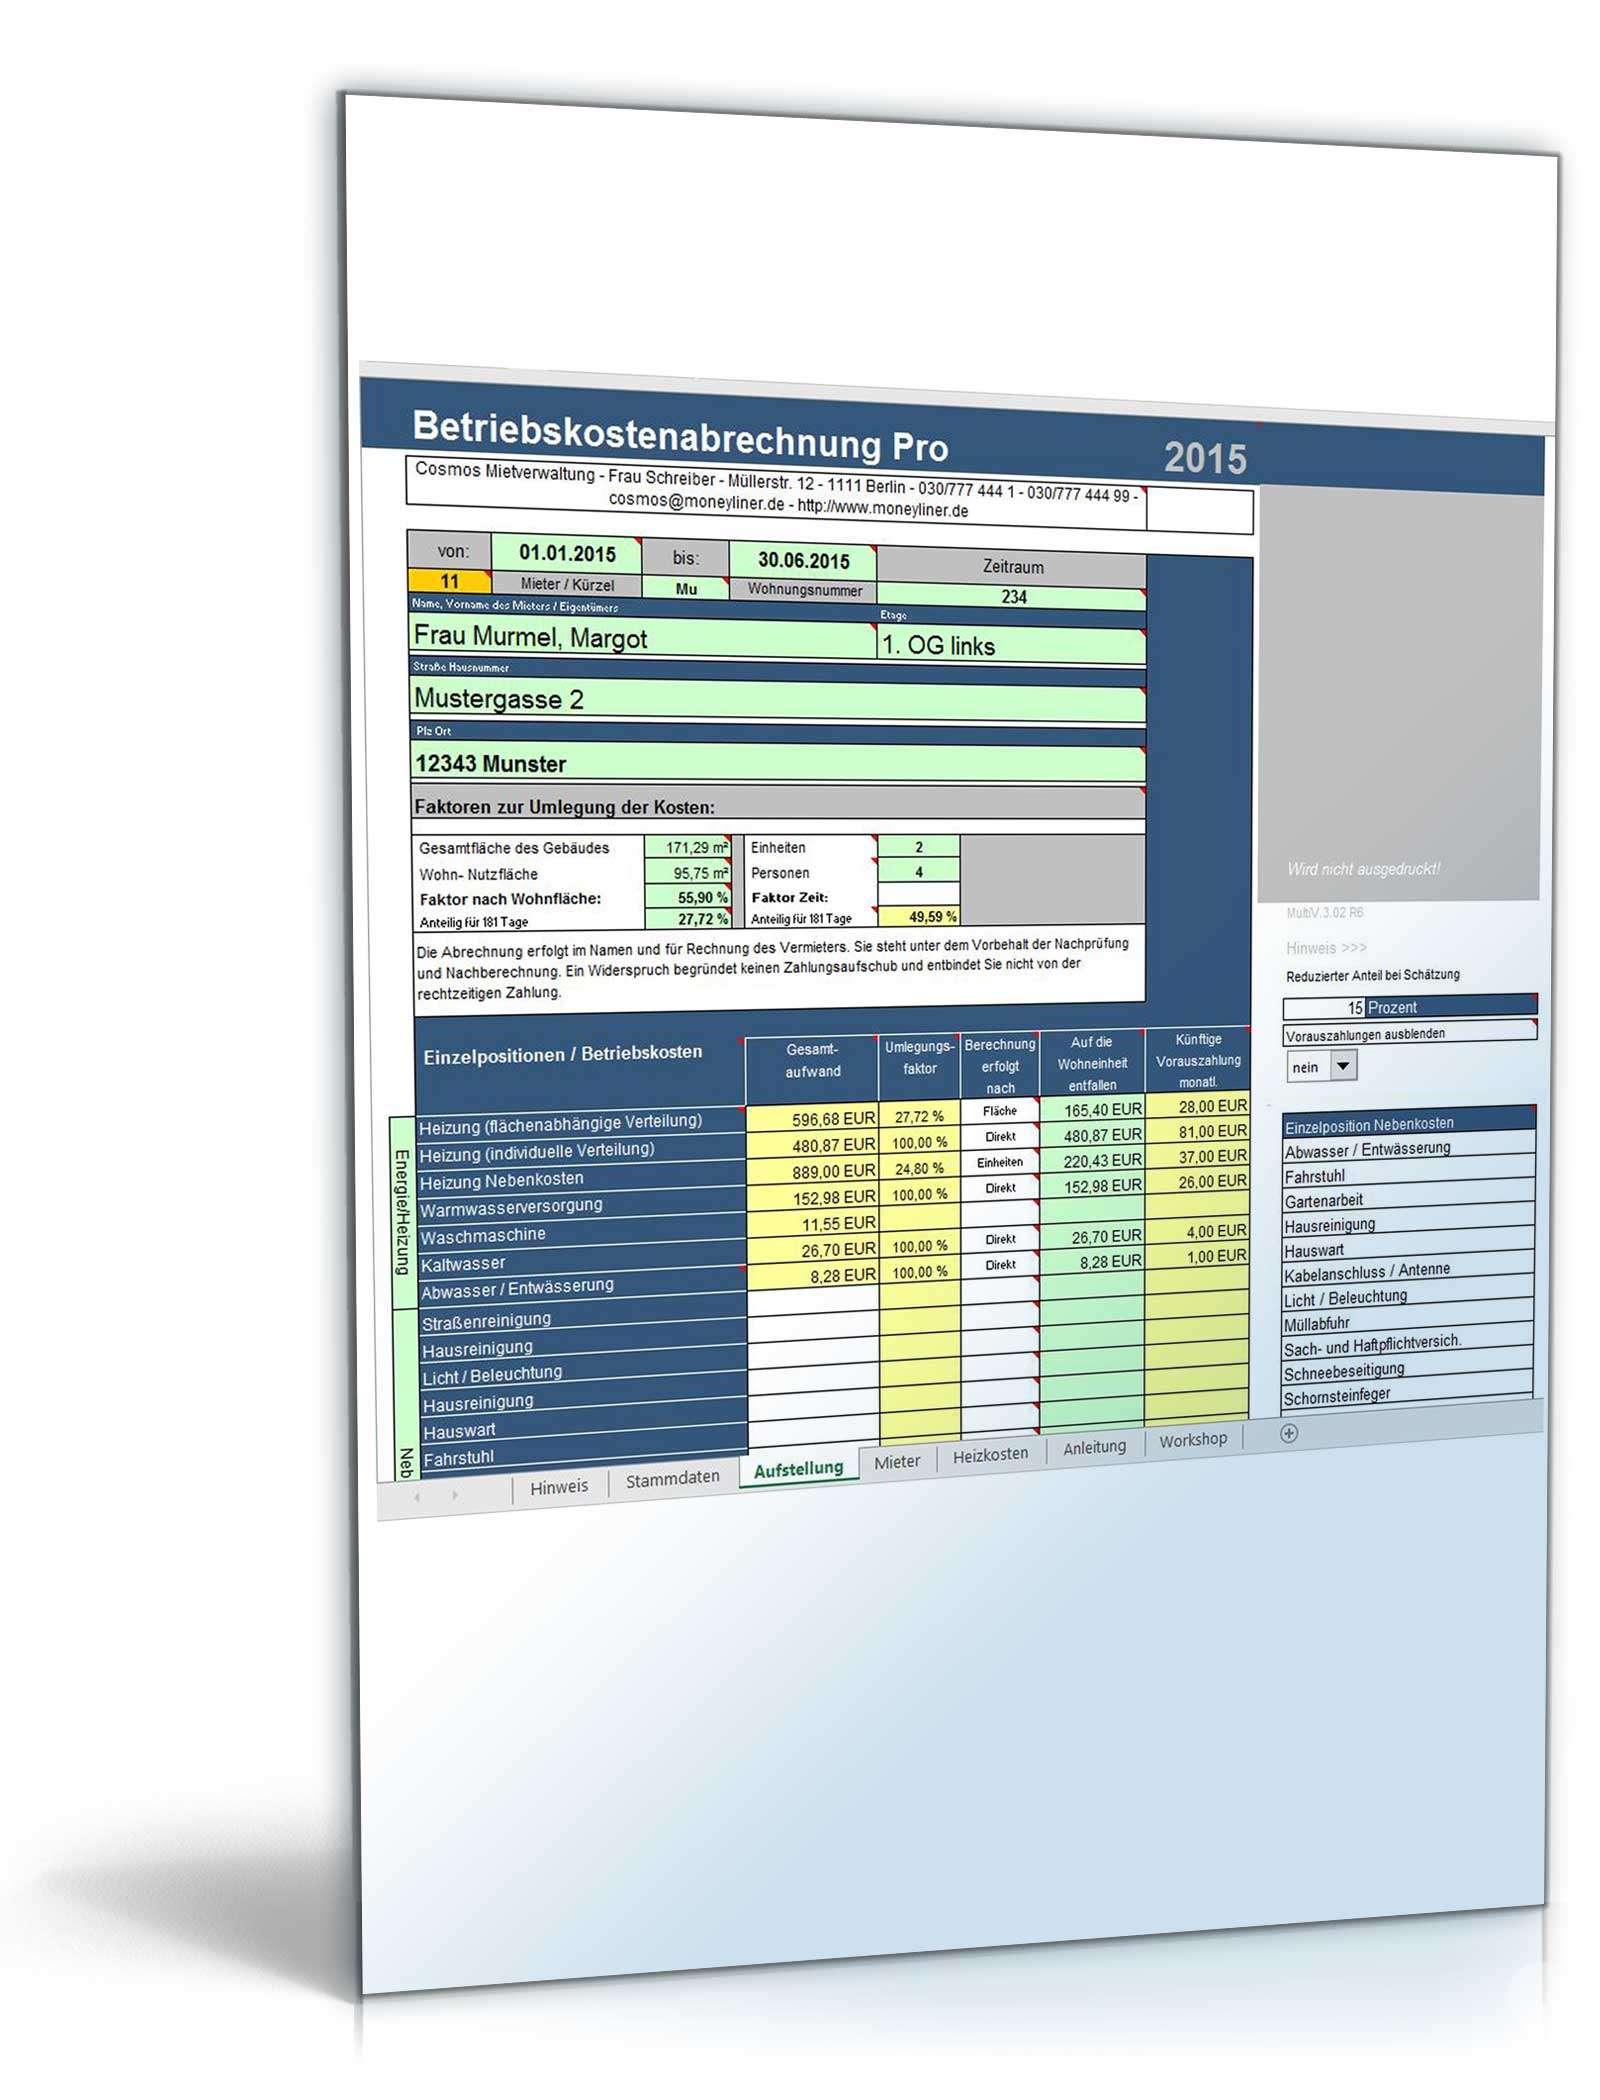 Betriebskostenabrechnung Pro Unter Excel Vorlage Zum Download